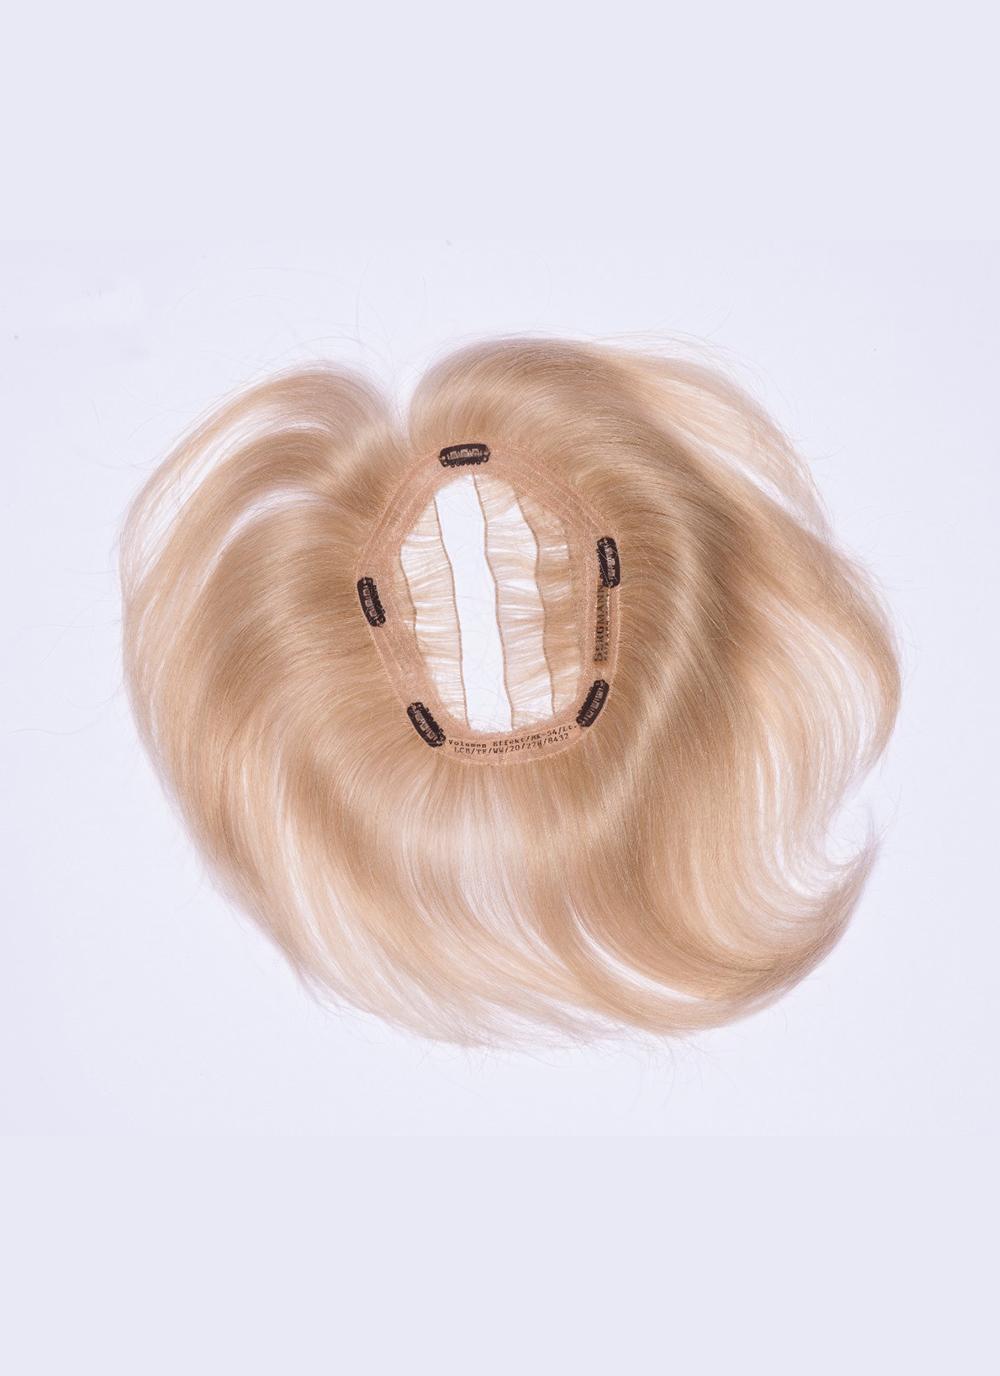 Bergmann Haarteil: Volumen Effekt ohne Scheitel